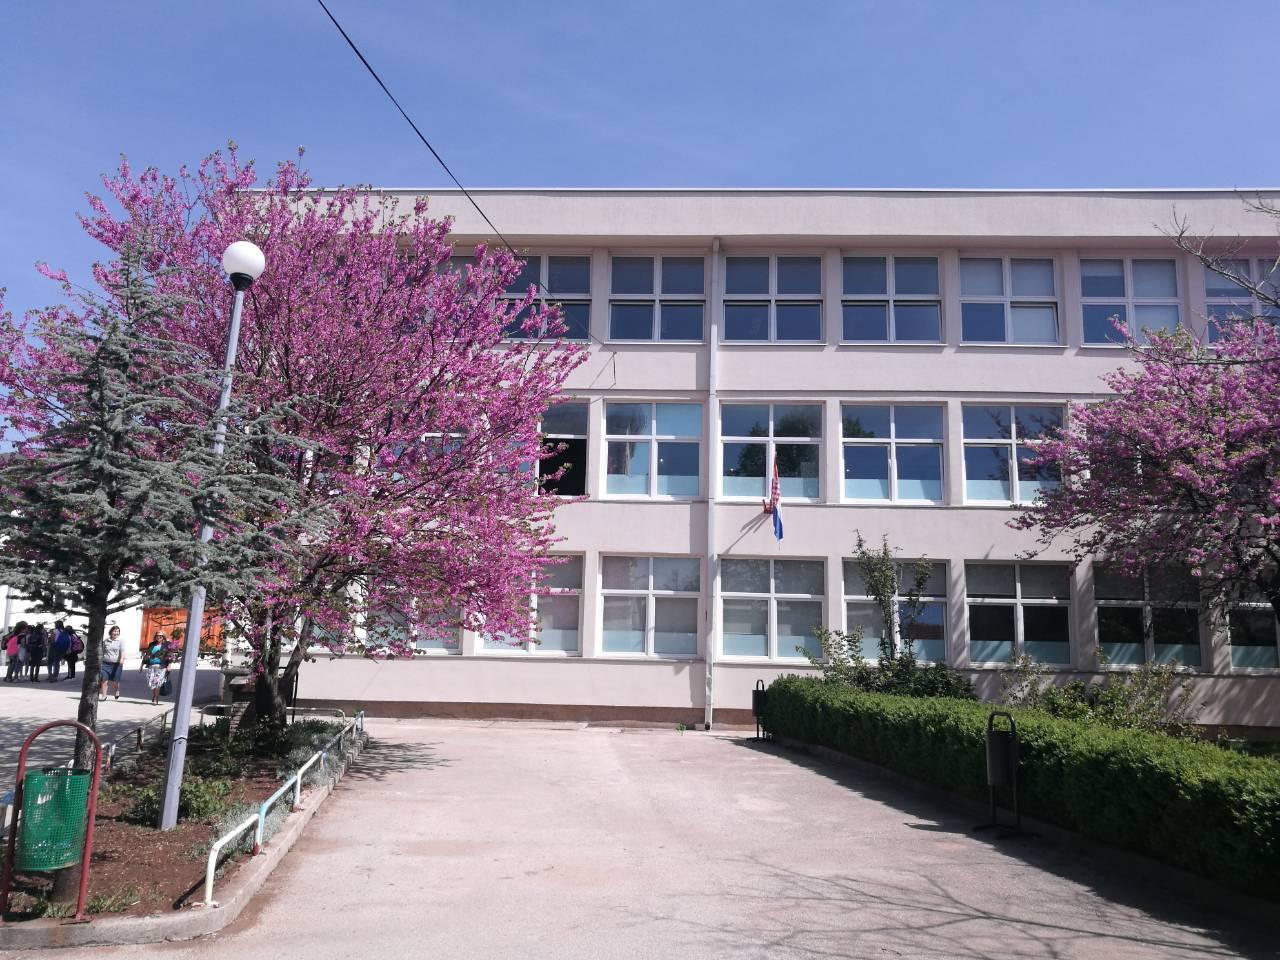 Obavijest iz Osnovne škole Ivana Mažuranića u Posušju